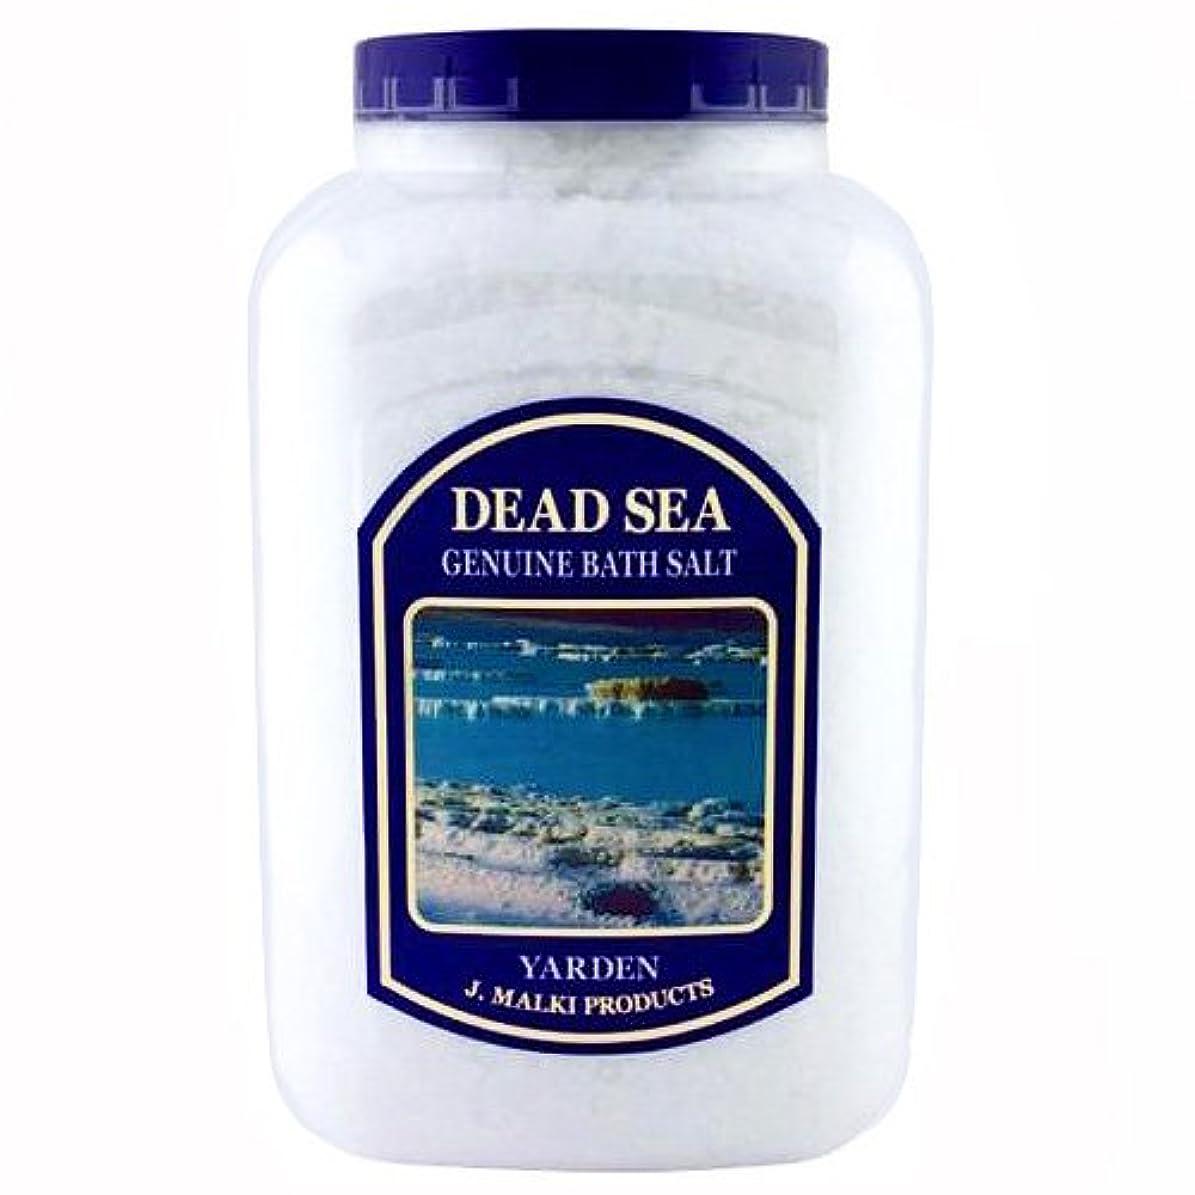 静脈のホスト犠牲デッドシー?バスソルト 4.5kg(約45回分)【DEAD SEA BATH SALT】死海の塩/入浴剤(入浴用化粧品)【正規販売店】